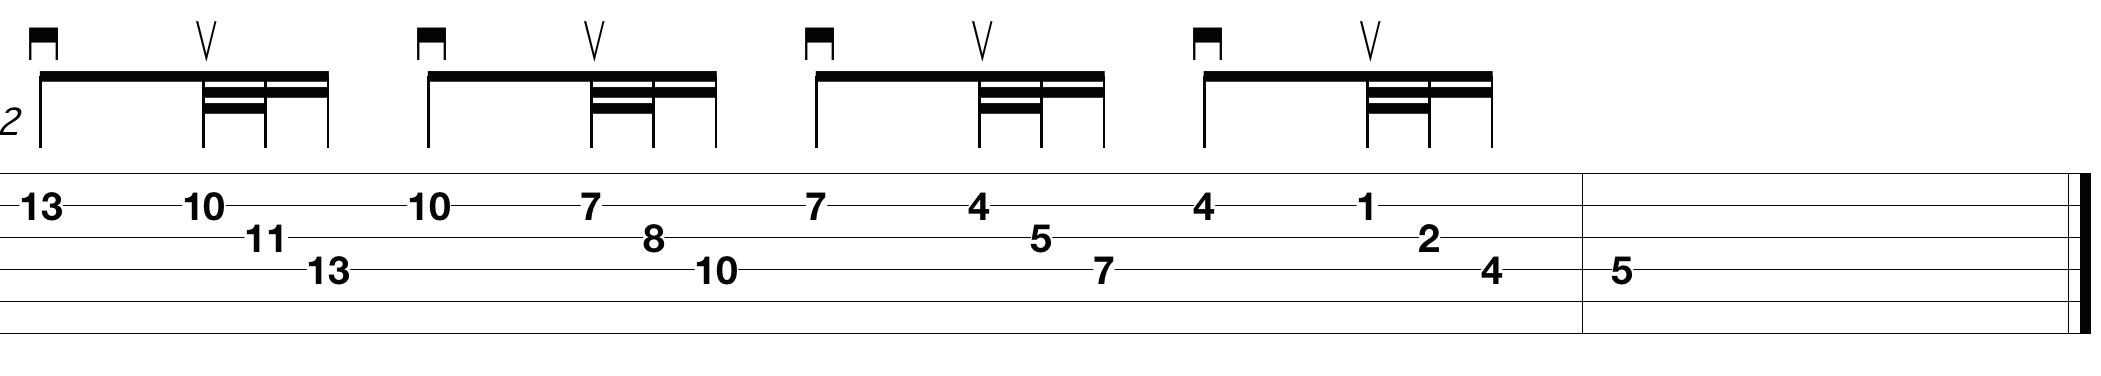 neoclassical-guitar-licks_2.png